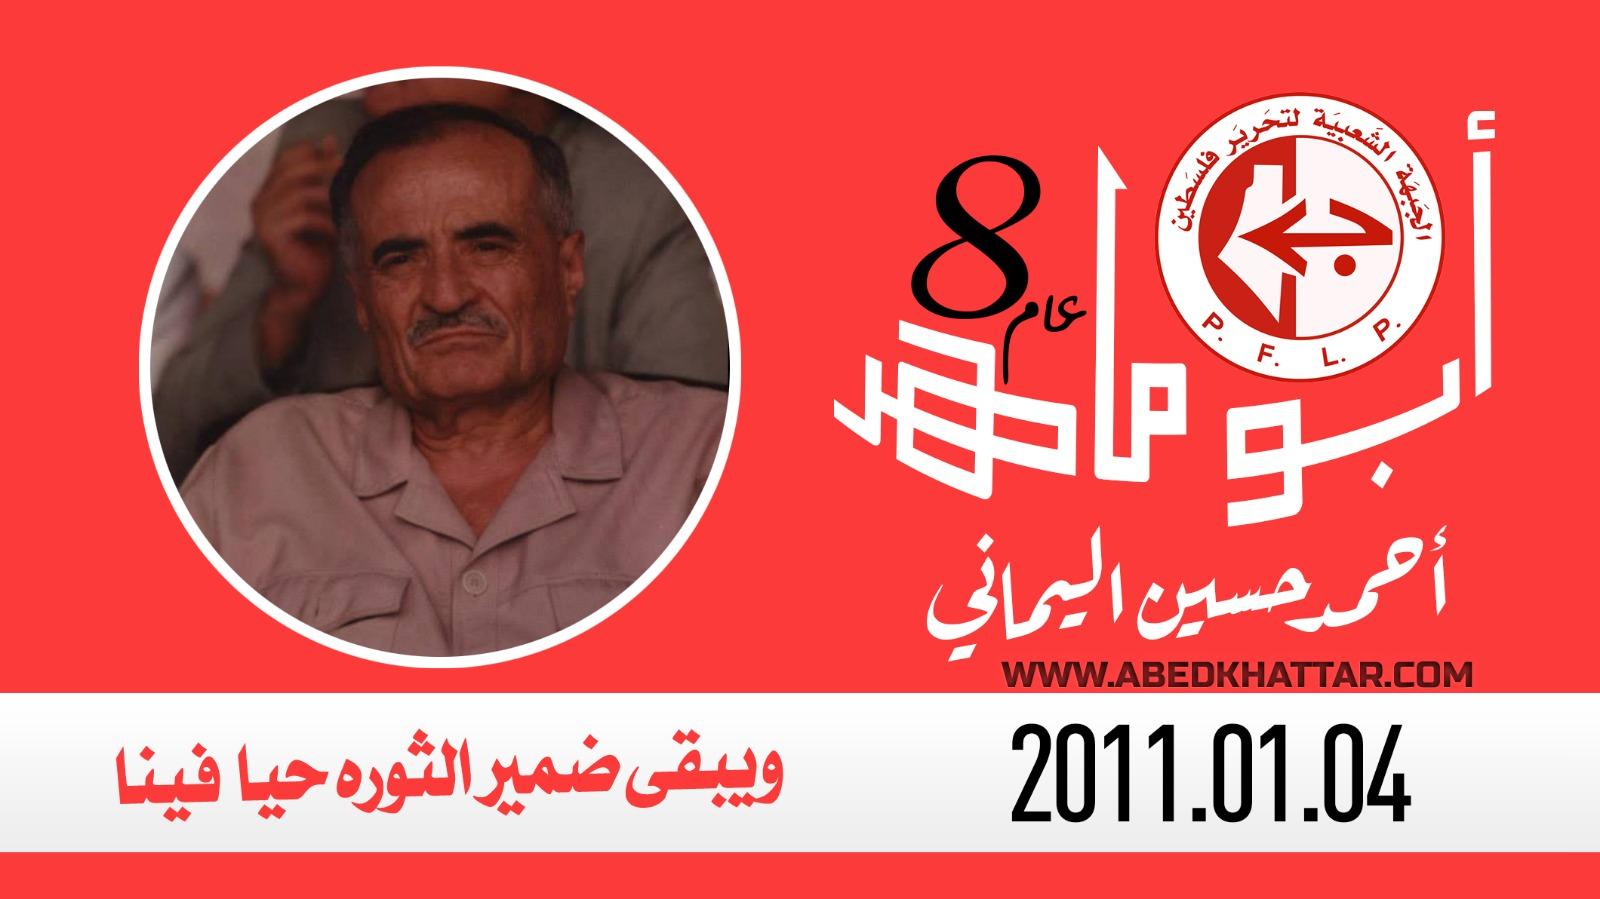 في الذكرى الثامنة لرحيل ضمير الثورة الفلسطينية الشهيد ابو ماهر اليماني